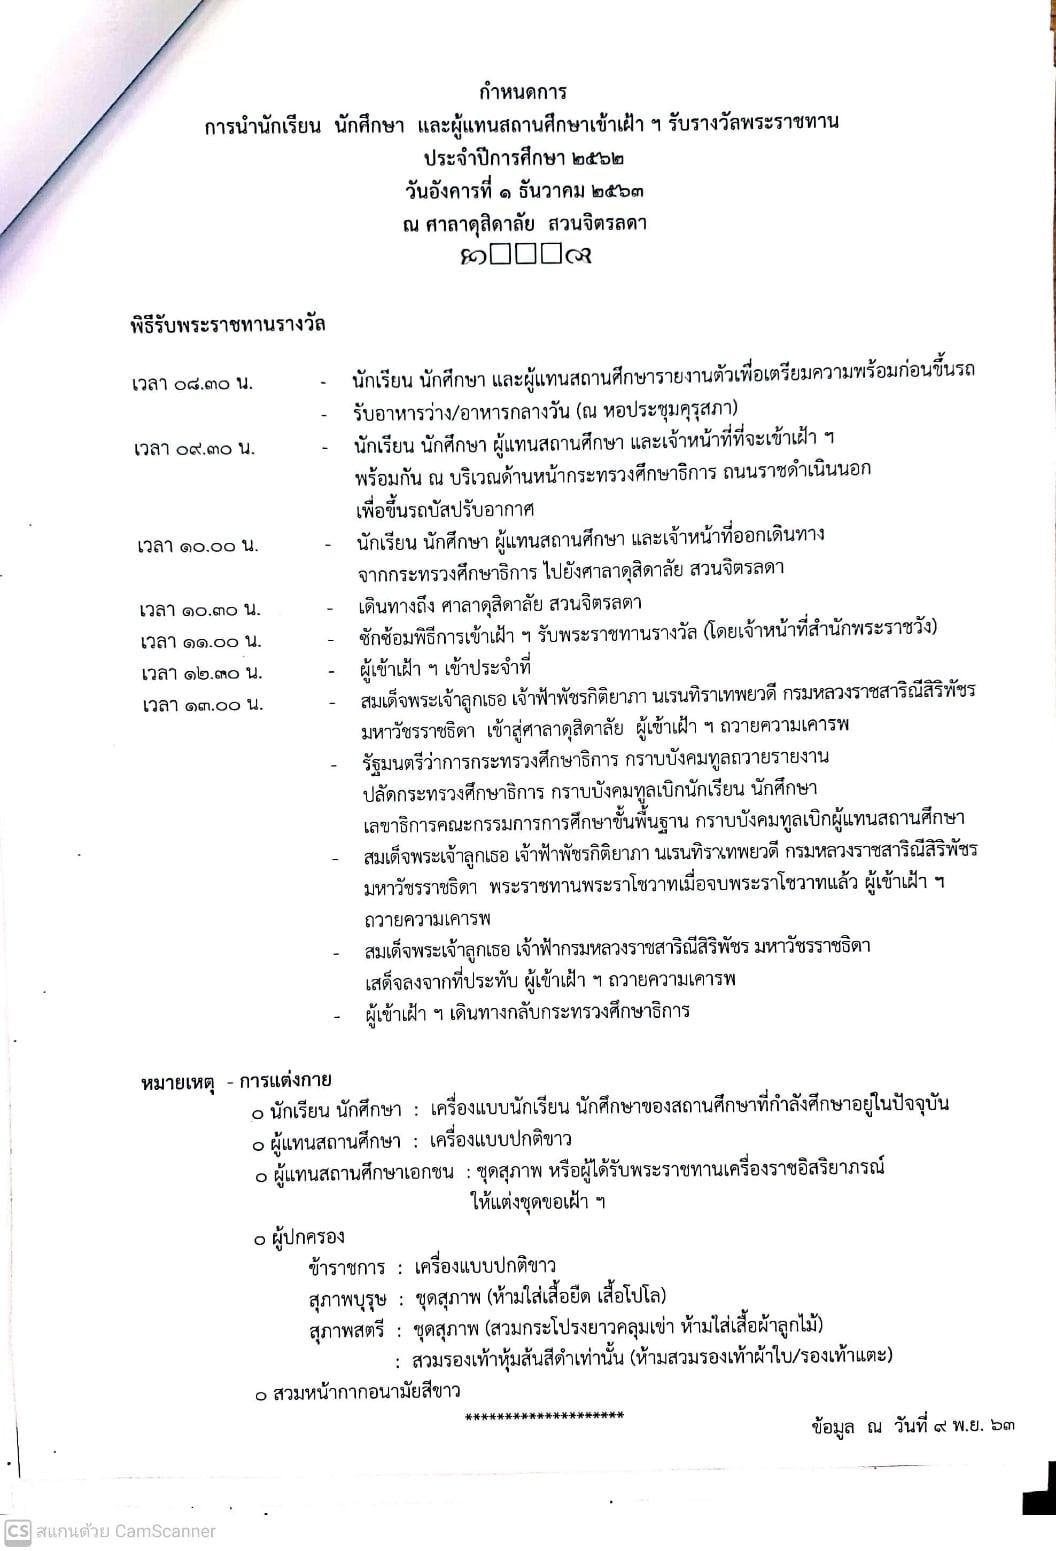 ประกาศรายชื่อนักเรียน นักศึกษา และสถานศึกษาที่ได้รับรางวัลพระราชทาน ปีการศึกษา 2562 และเพิ่มเติม